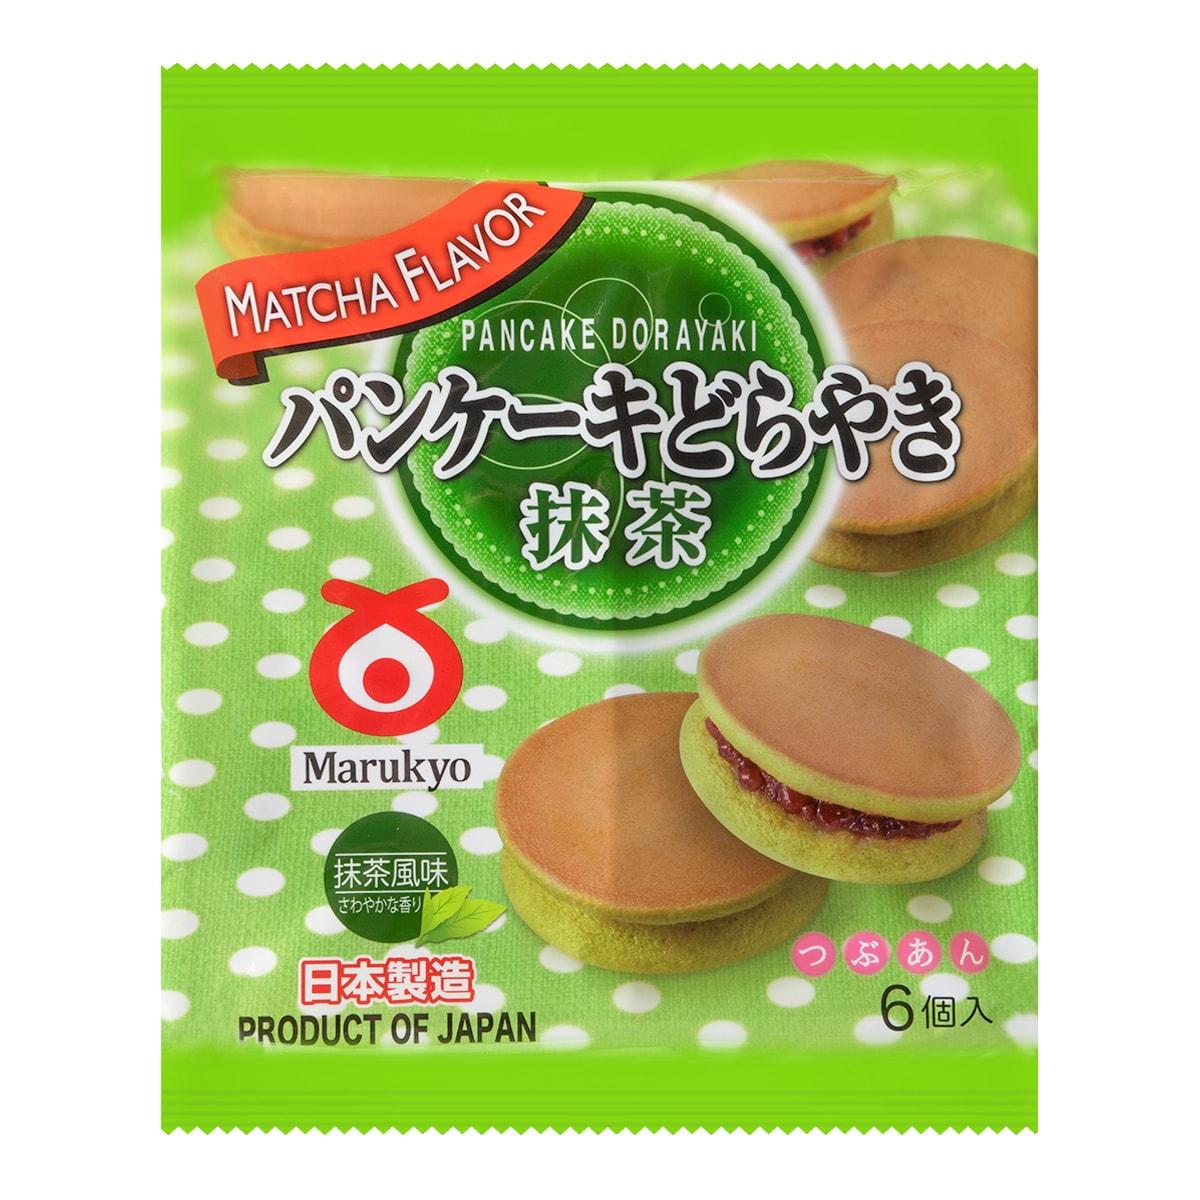 日本丸京果子庵 松饼新味觉铜锣烧 抹茶味 6枚入 310g 怎么样 - 亚米网